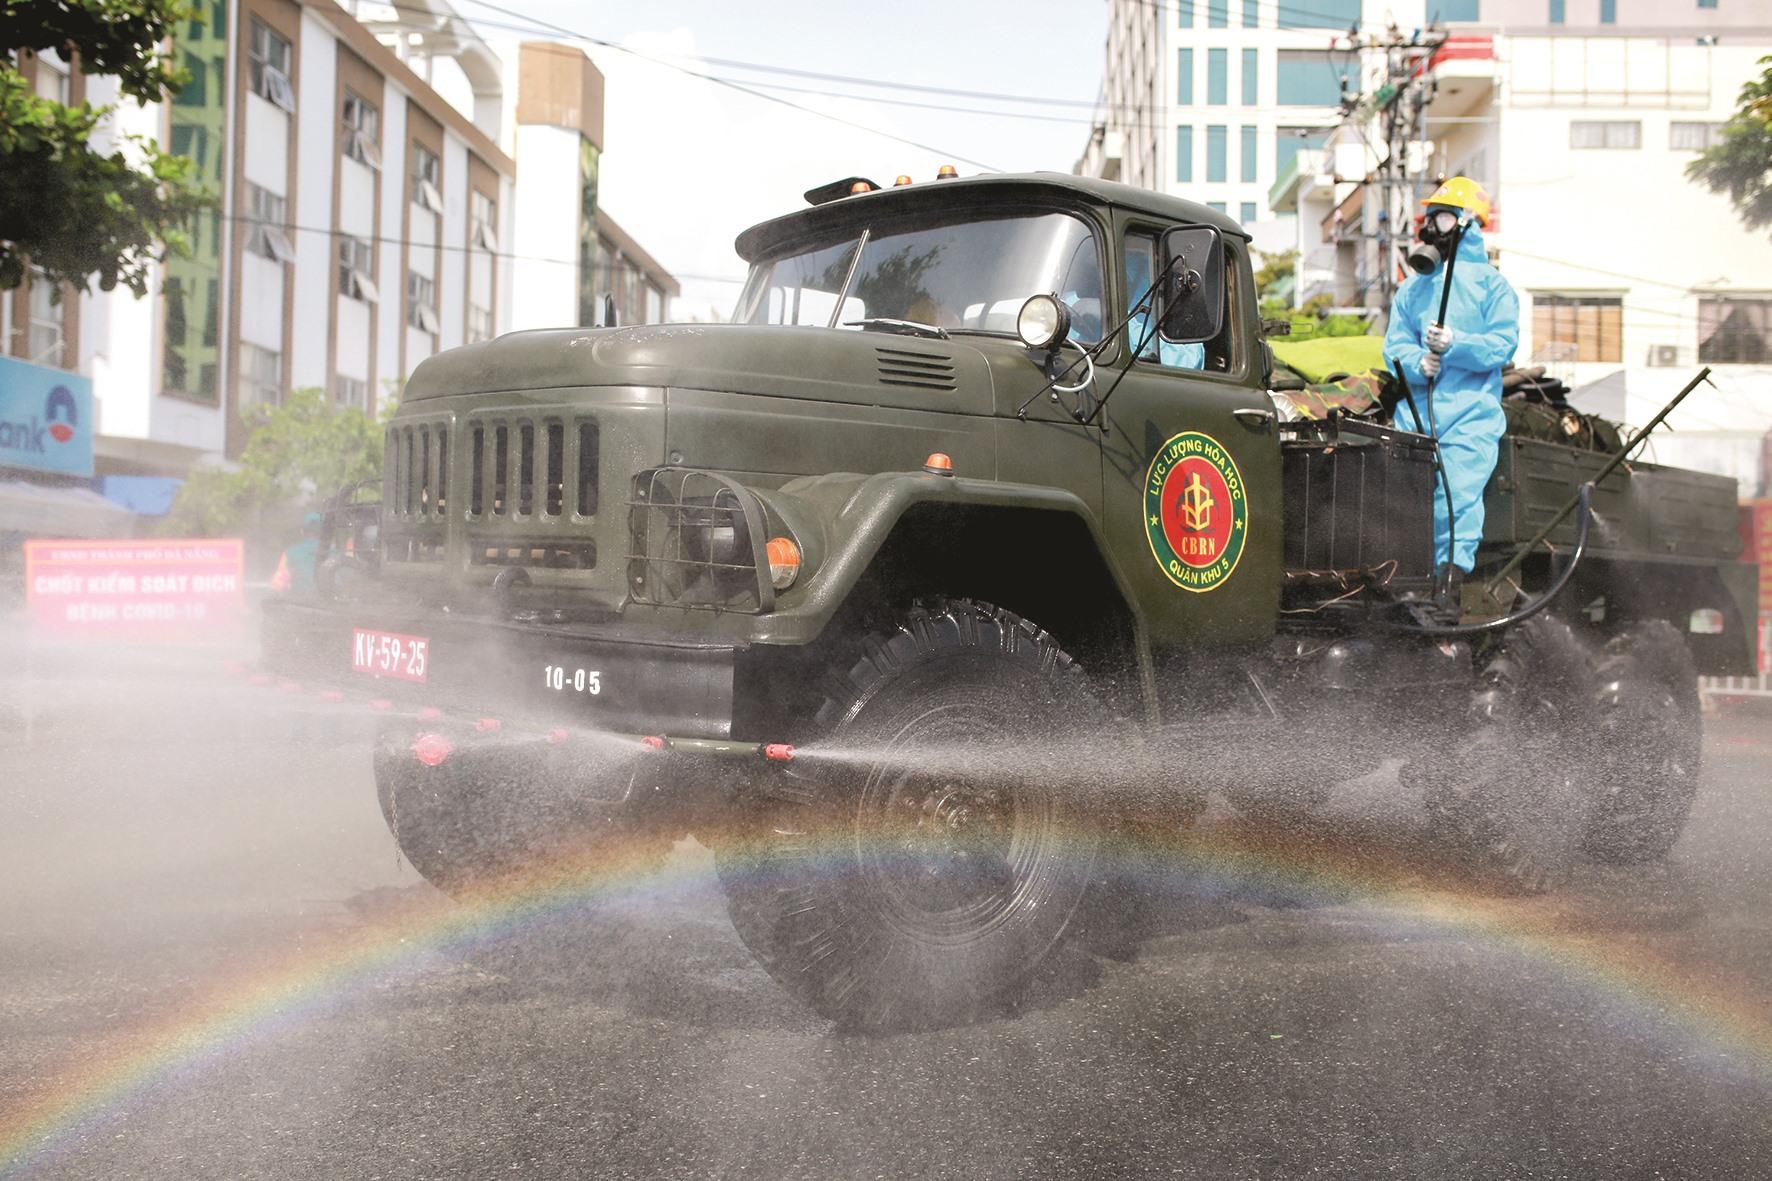 Xe phun hóa chất của bộ đội phòng hóa trên đường phố.